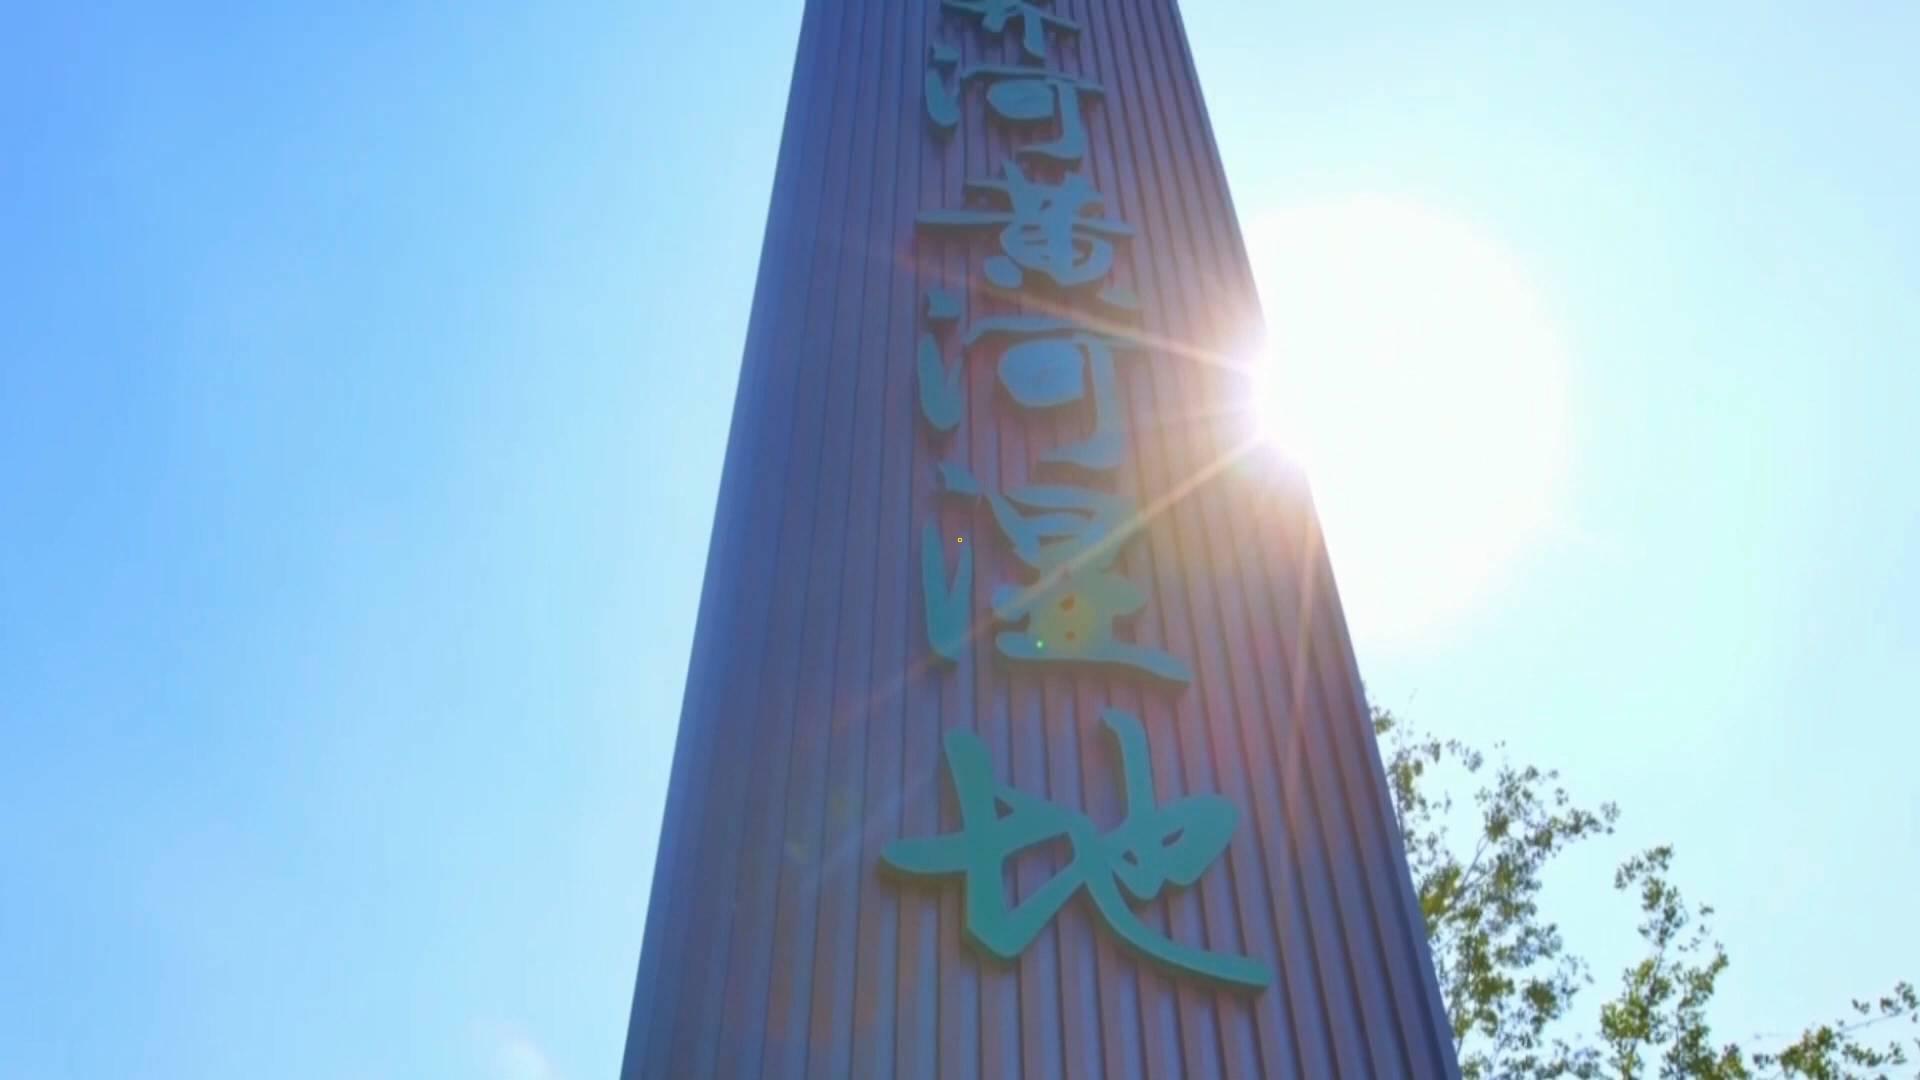 黄河入海看山东|黄河国际生态城:累计绿化达到1300多公顷 打造齐河生态城样板